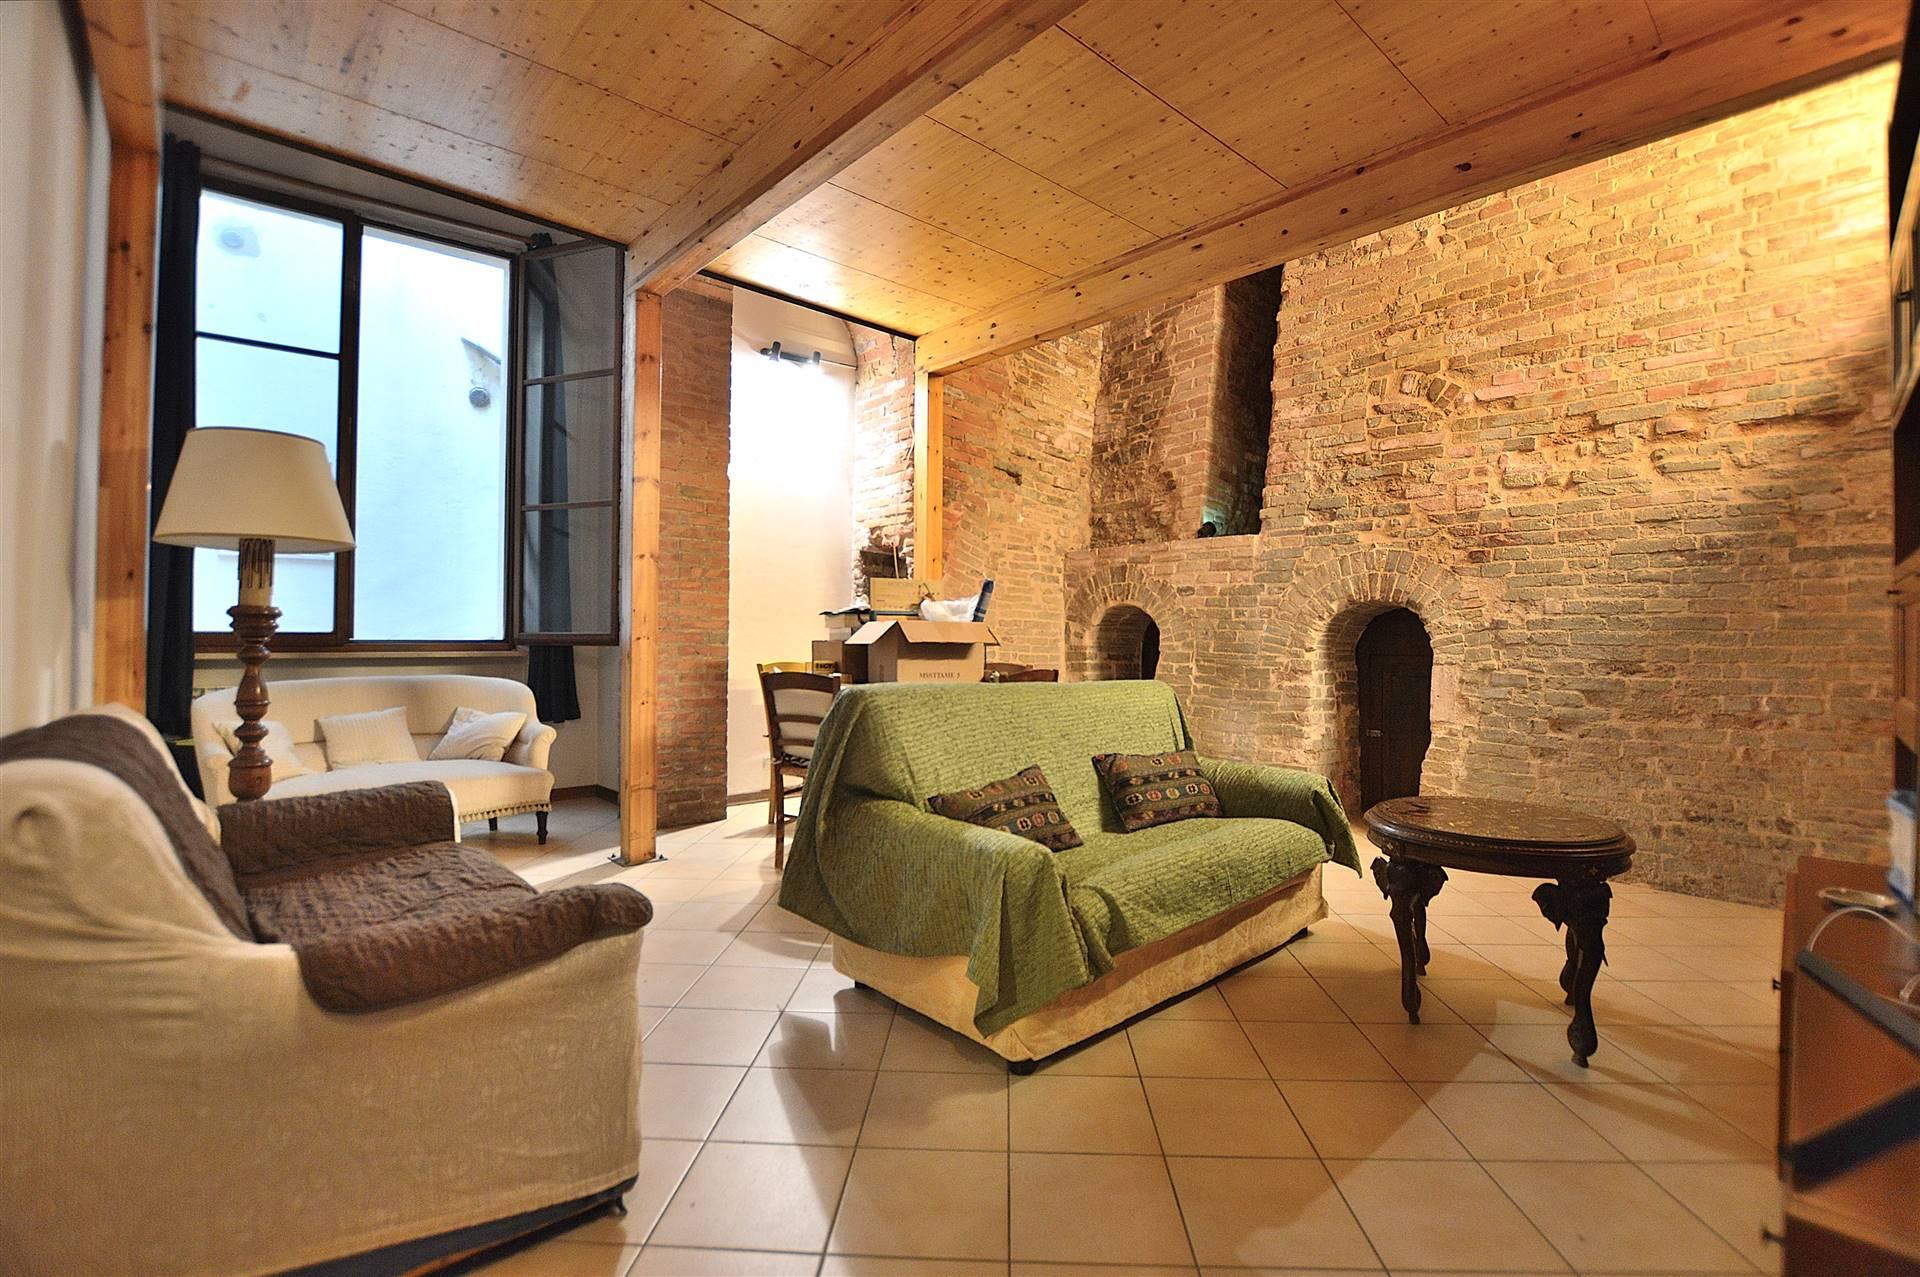 Pian delle Fornaci, in piacevole contesto residenziale proponiamo caratteristico appartamento al piano terreno totalmente ristrutturato all'interno